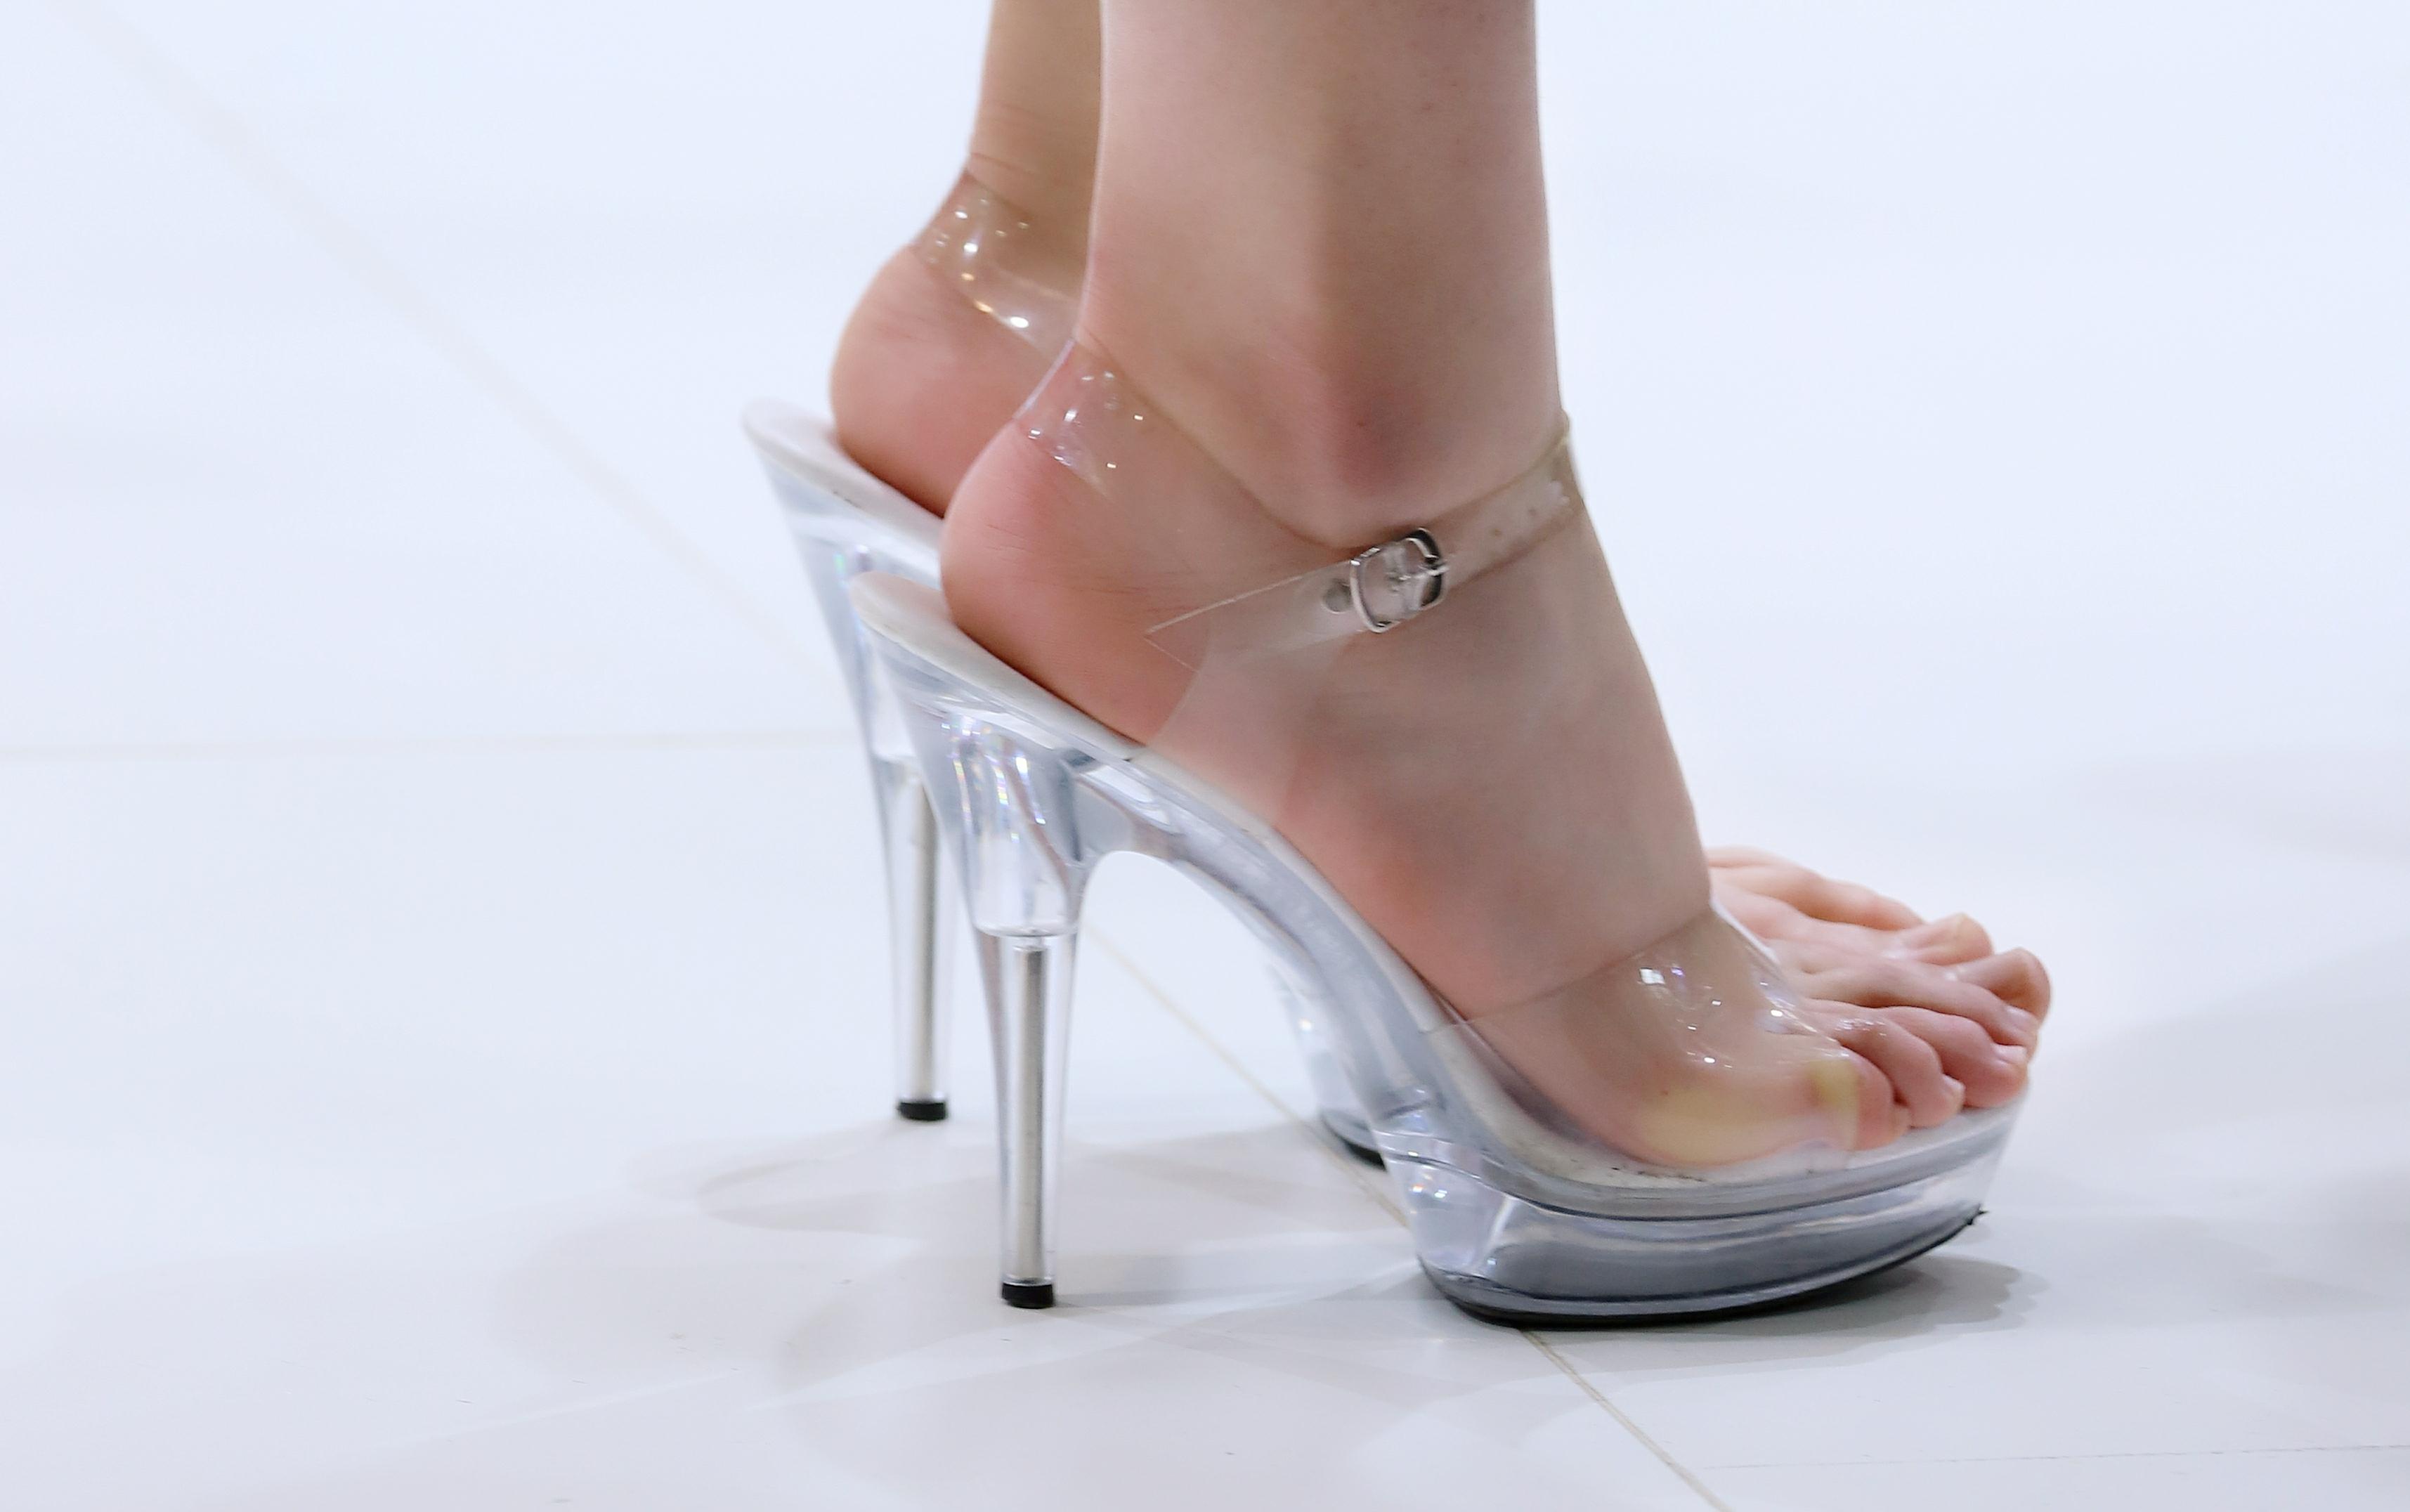 车展上的车模小姐姐,穿着高跟鞋下台阶,真怕她崴了脚! 腾讯视频